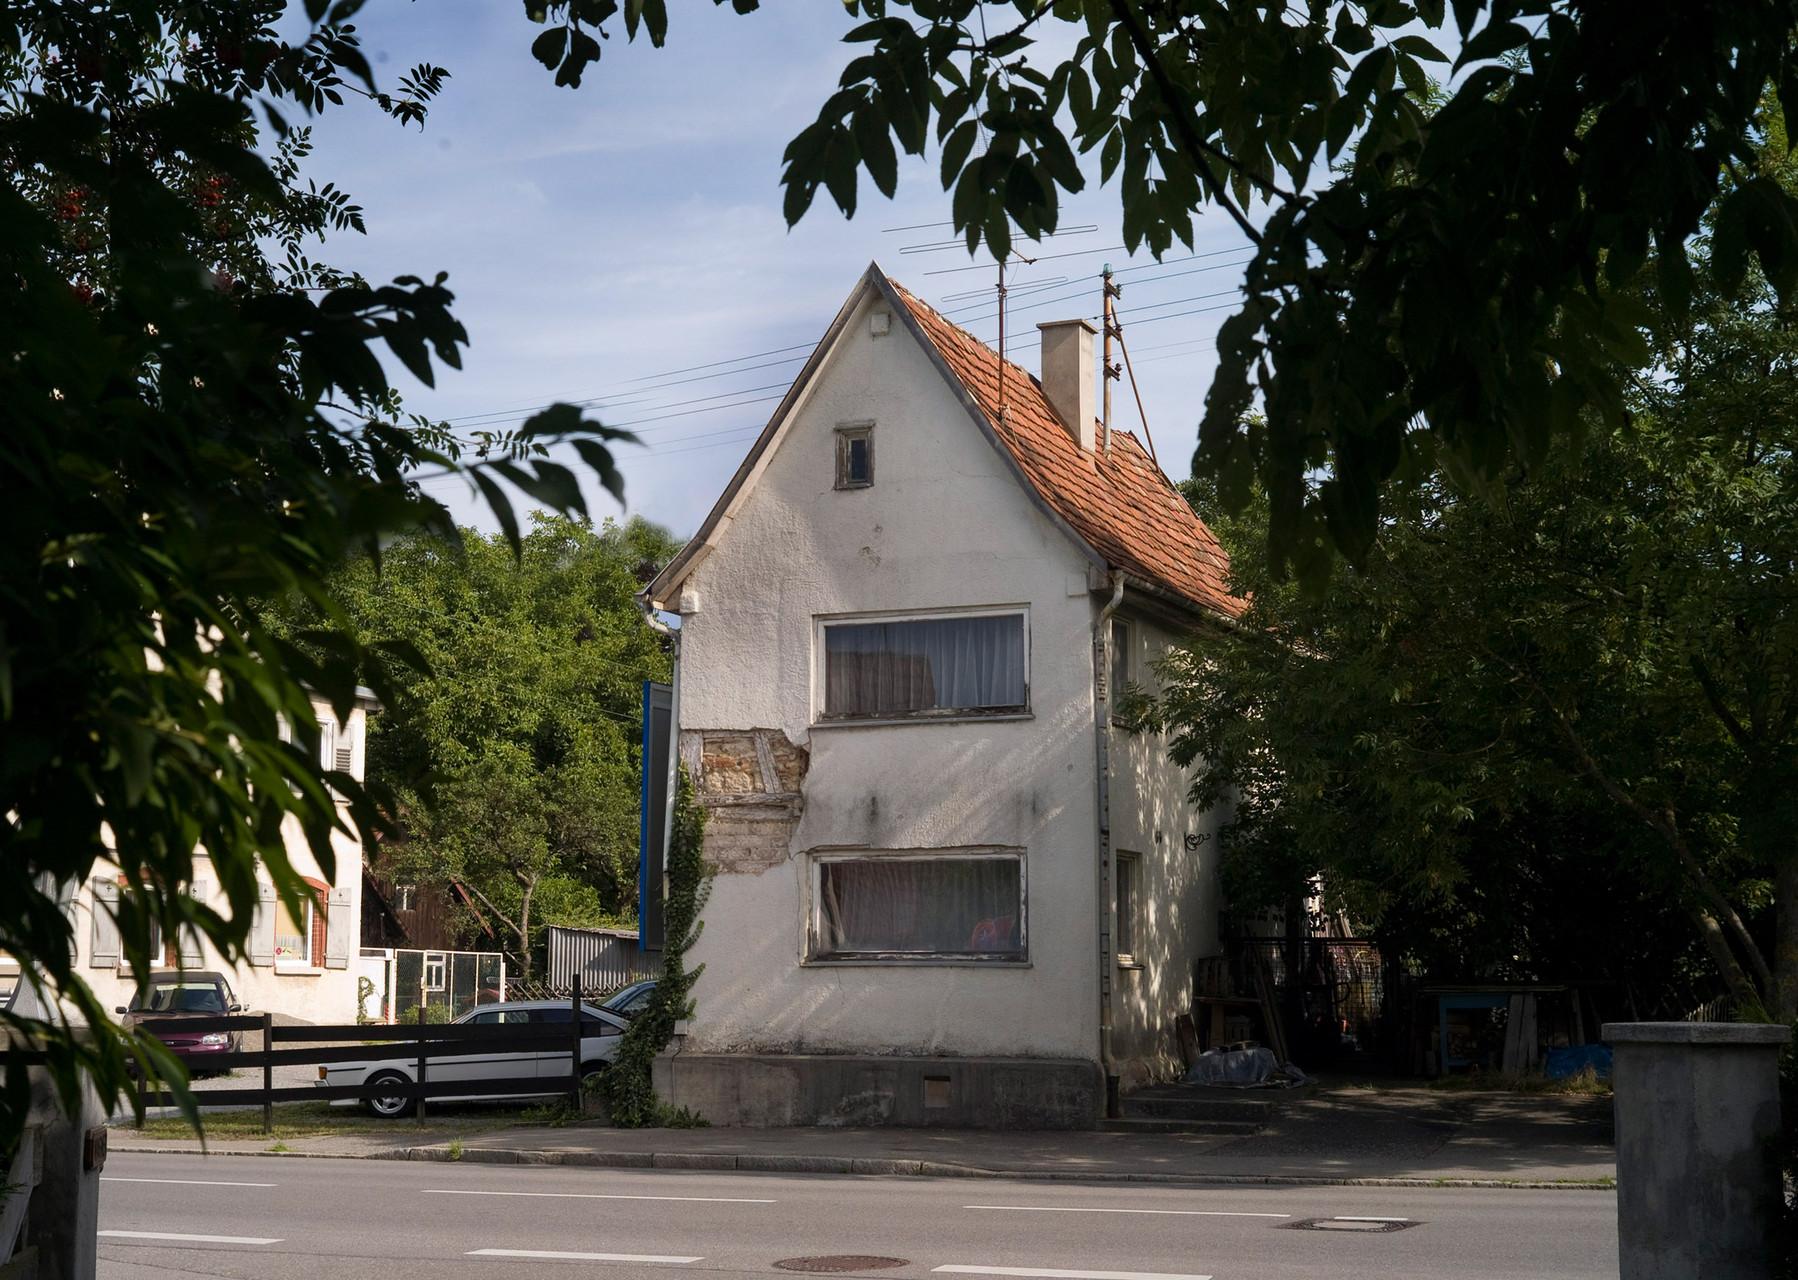 Mössingen, Lange Straße 64 (Bild: Dr. Klaus Franke)